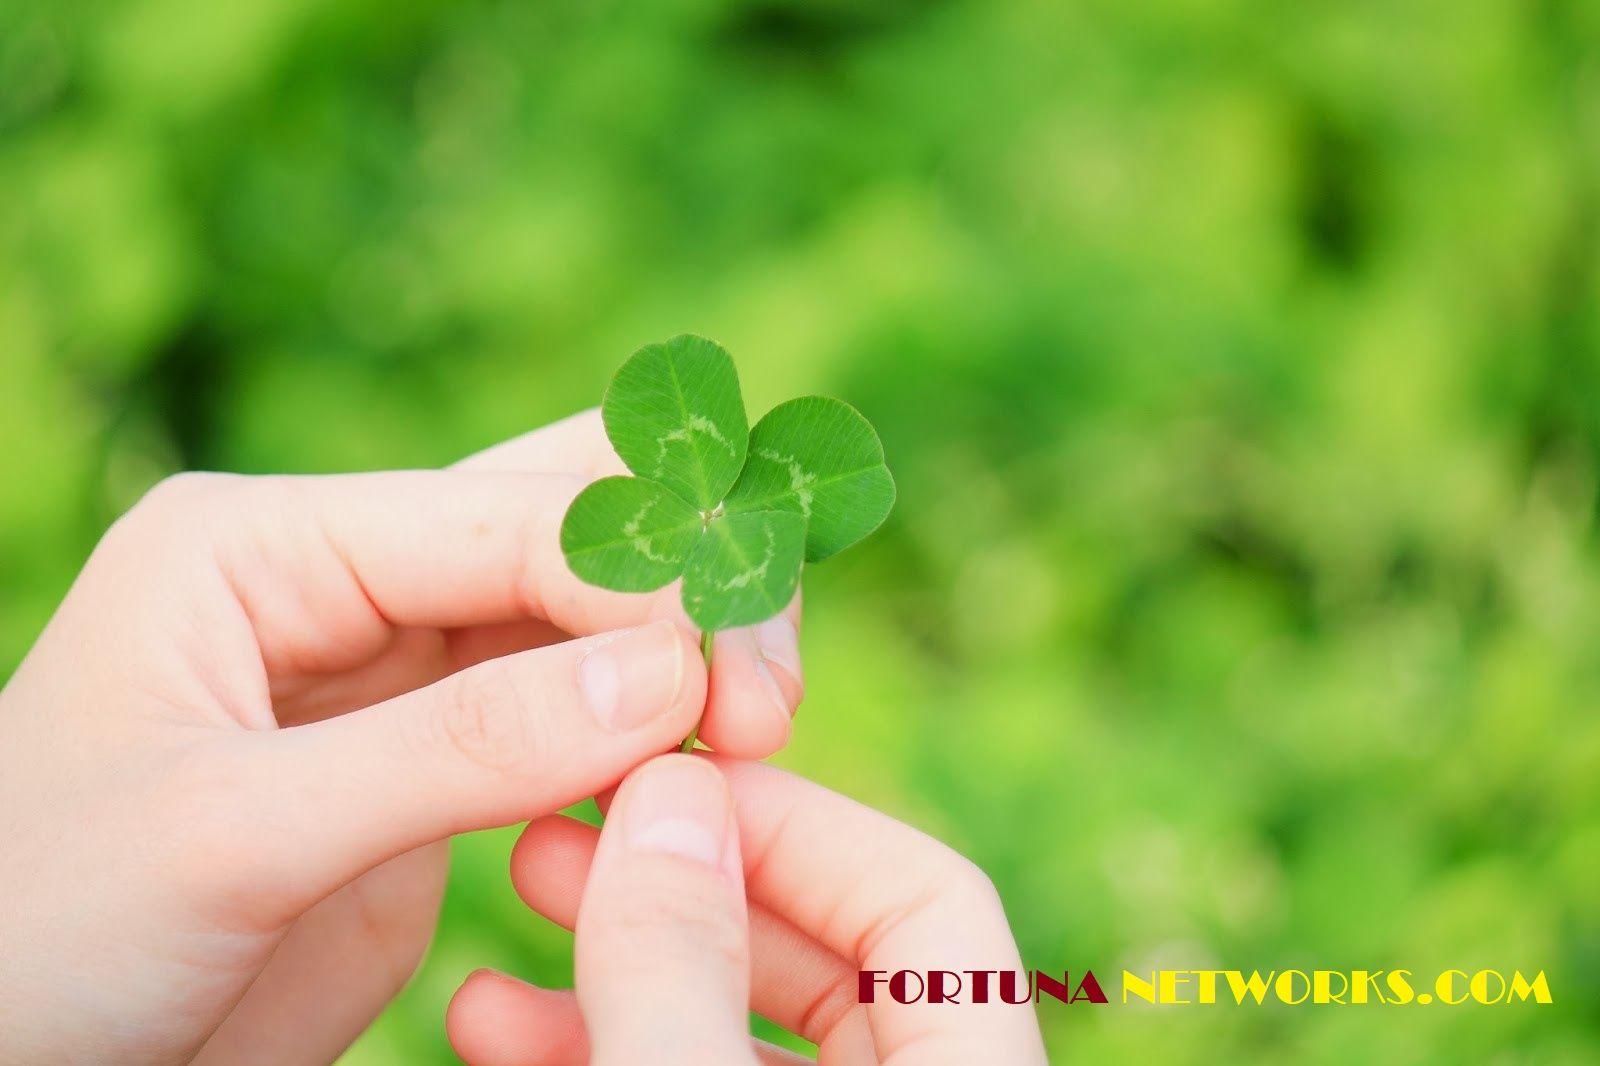 Meraih Sukses Pendapatan 100 000 Sebulan Dengan Menjual Daun Semanggi Being Used Luck Of The Irish Things To Sell